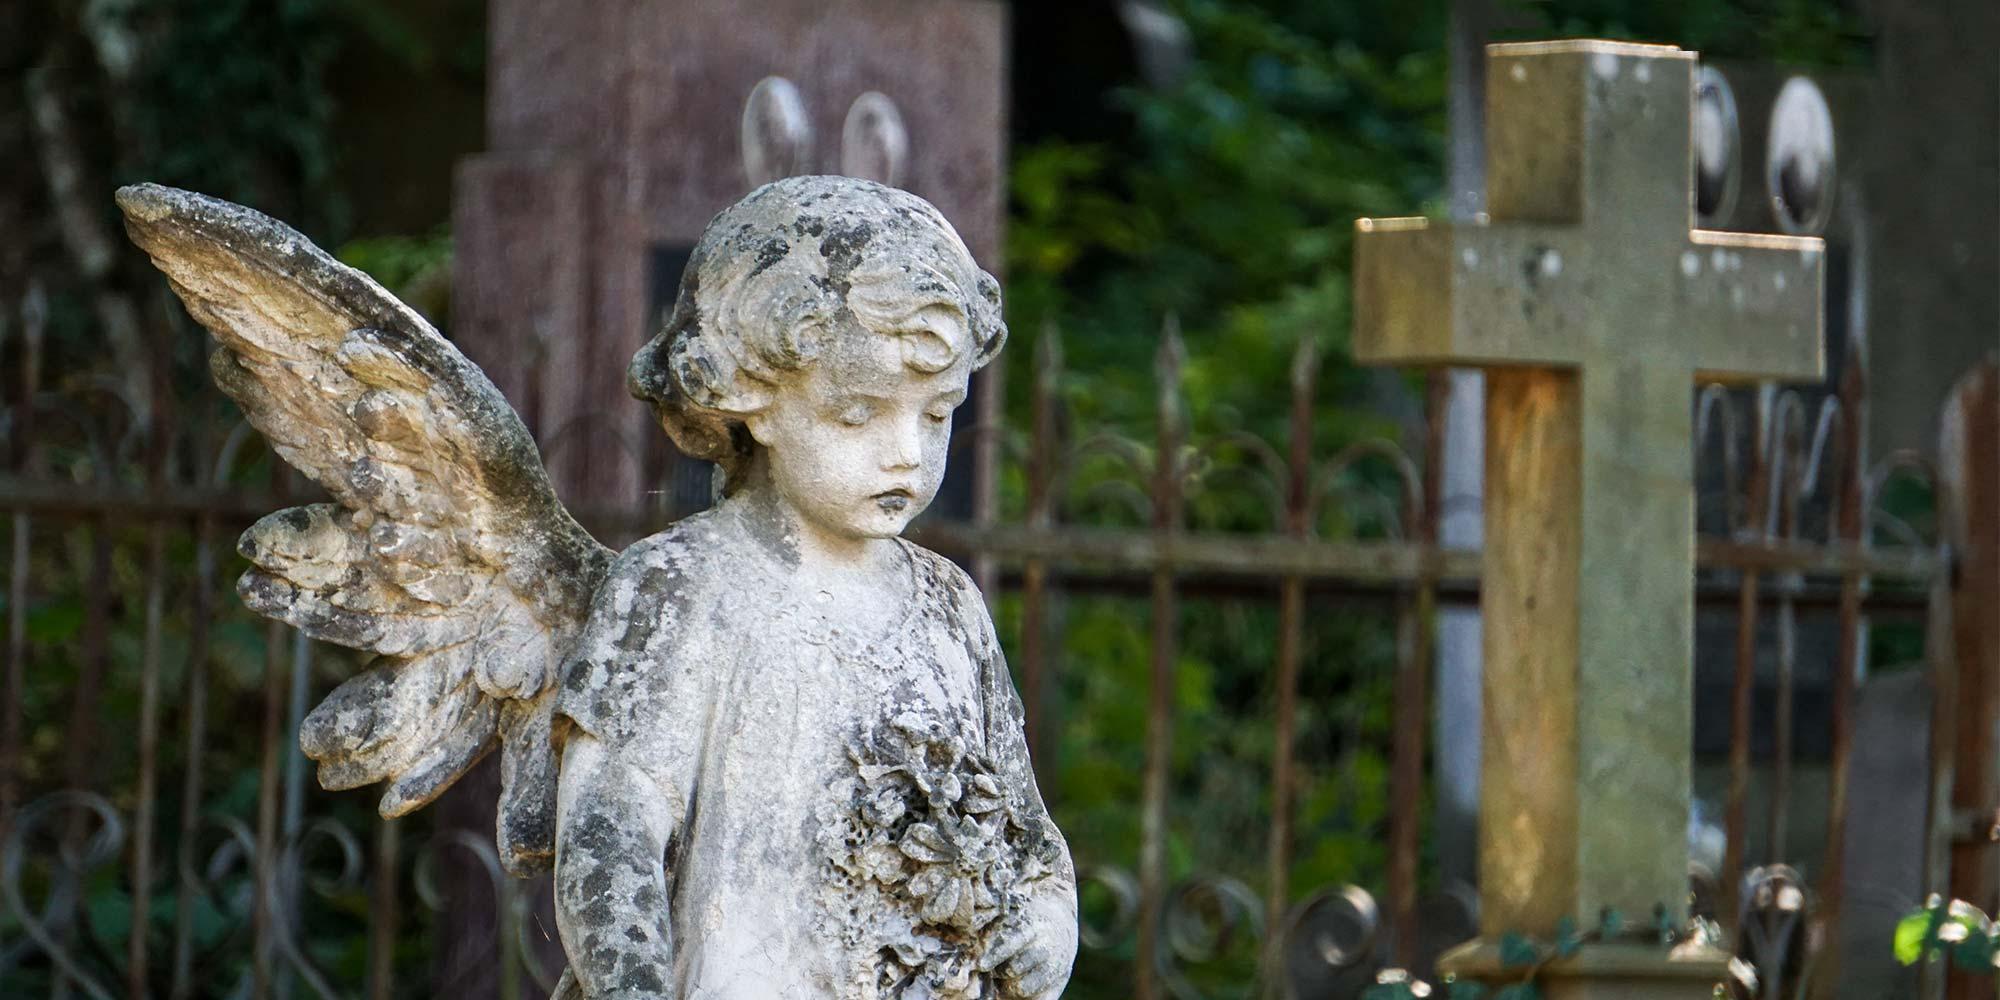 Cmentarz Łyczakowski – wizytówka kilku pokoleń Lwowa